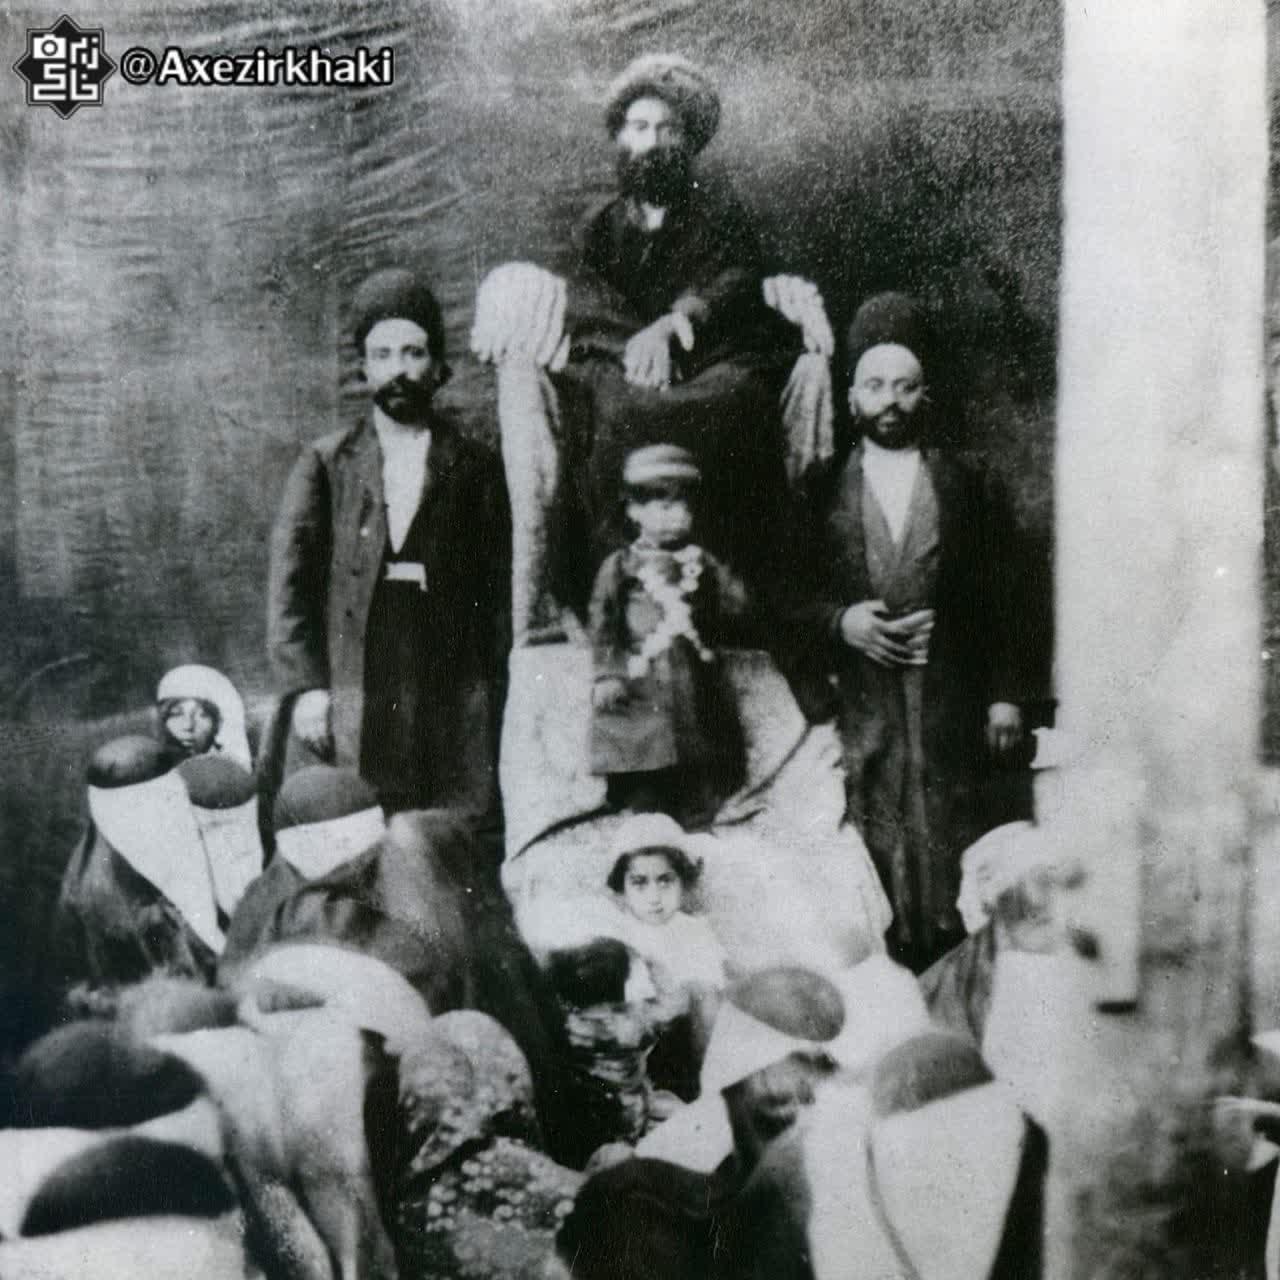 تصویر کمیاب از احمد شاه قاجار در مجلس عزاداری